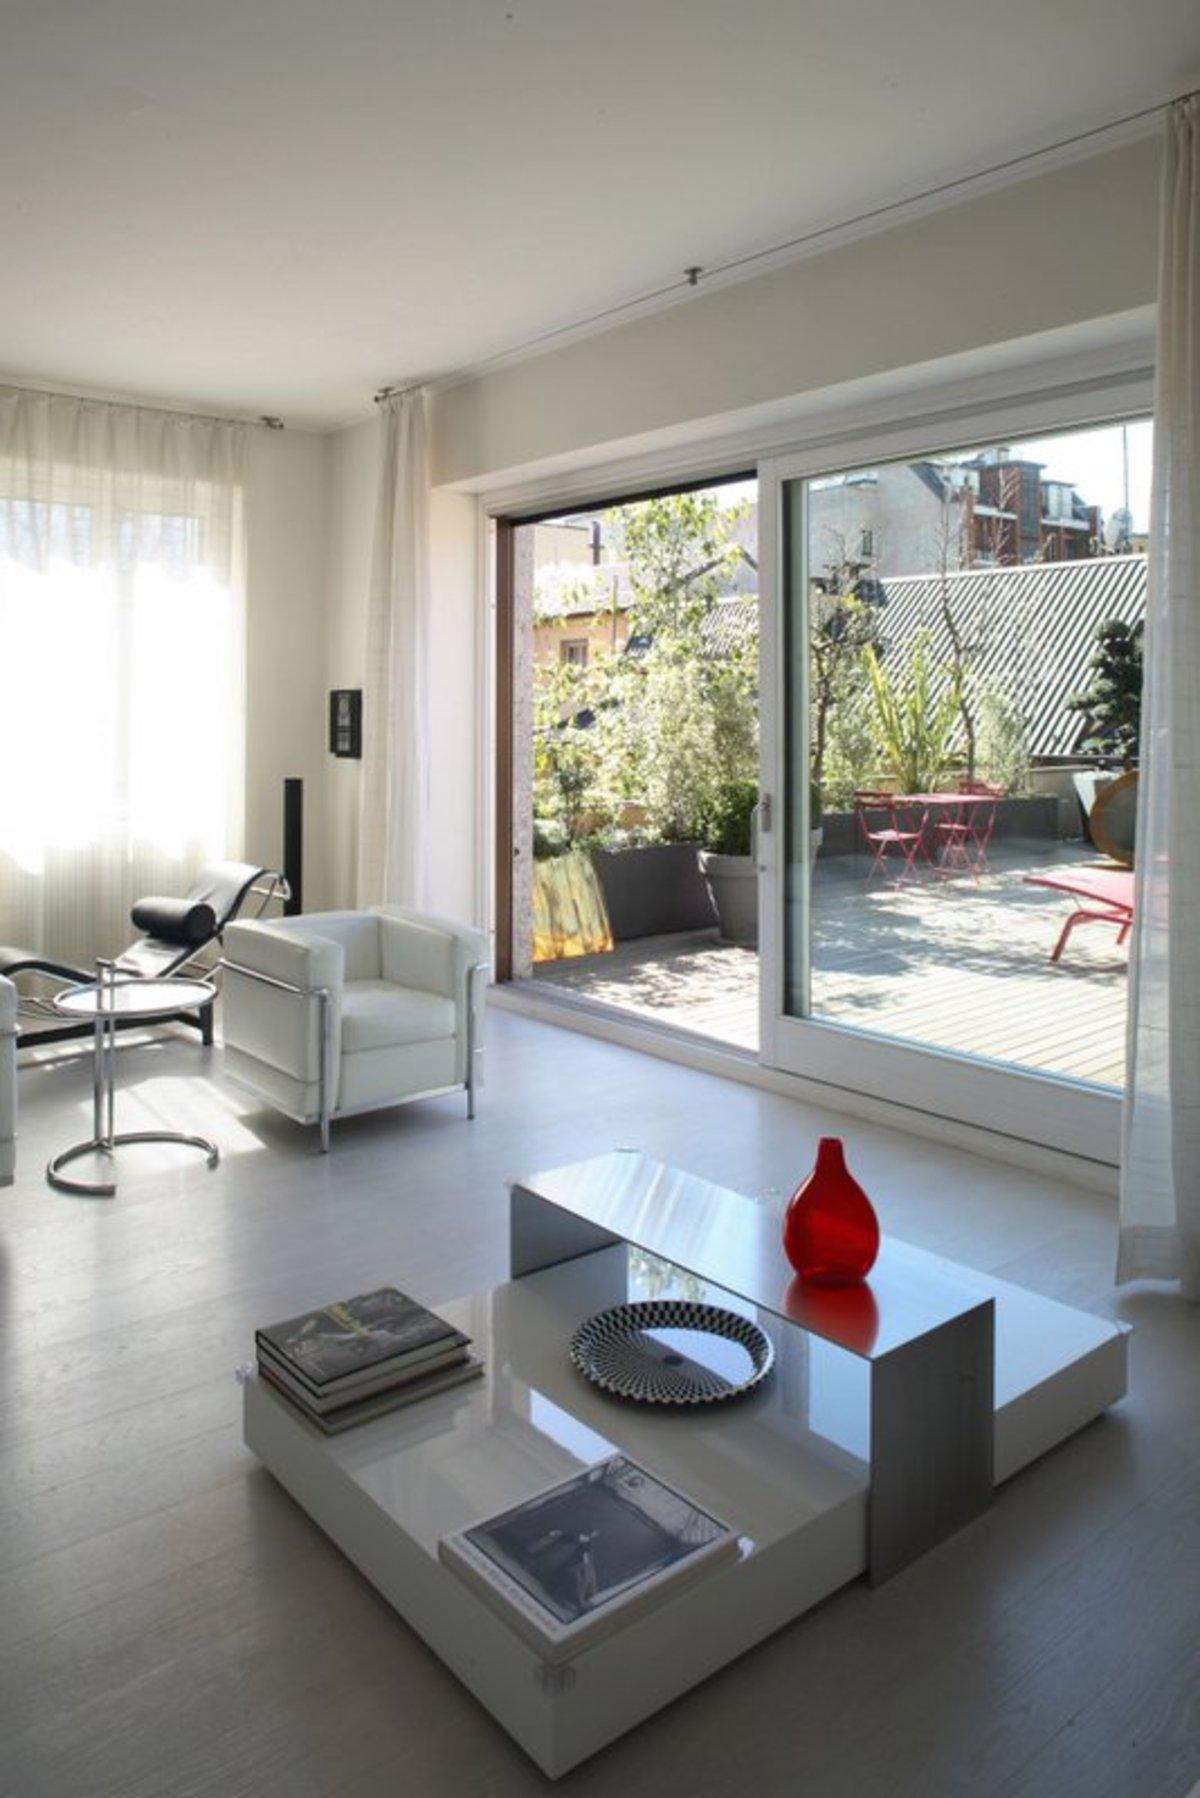 Andrea castrignano total white design in milan floornature - Andrea castrignano interior designer ...